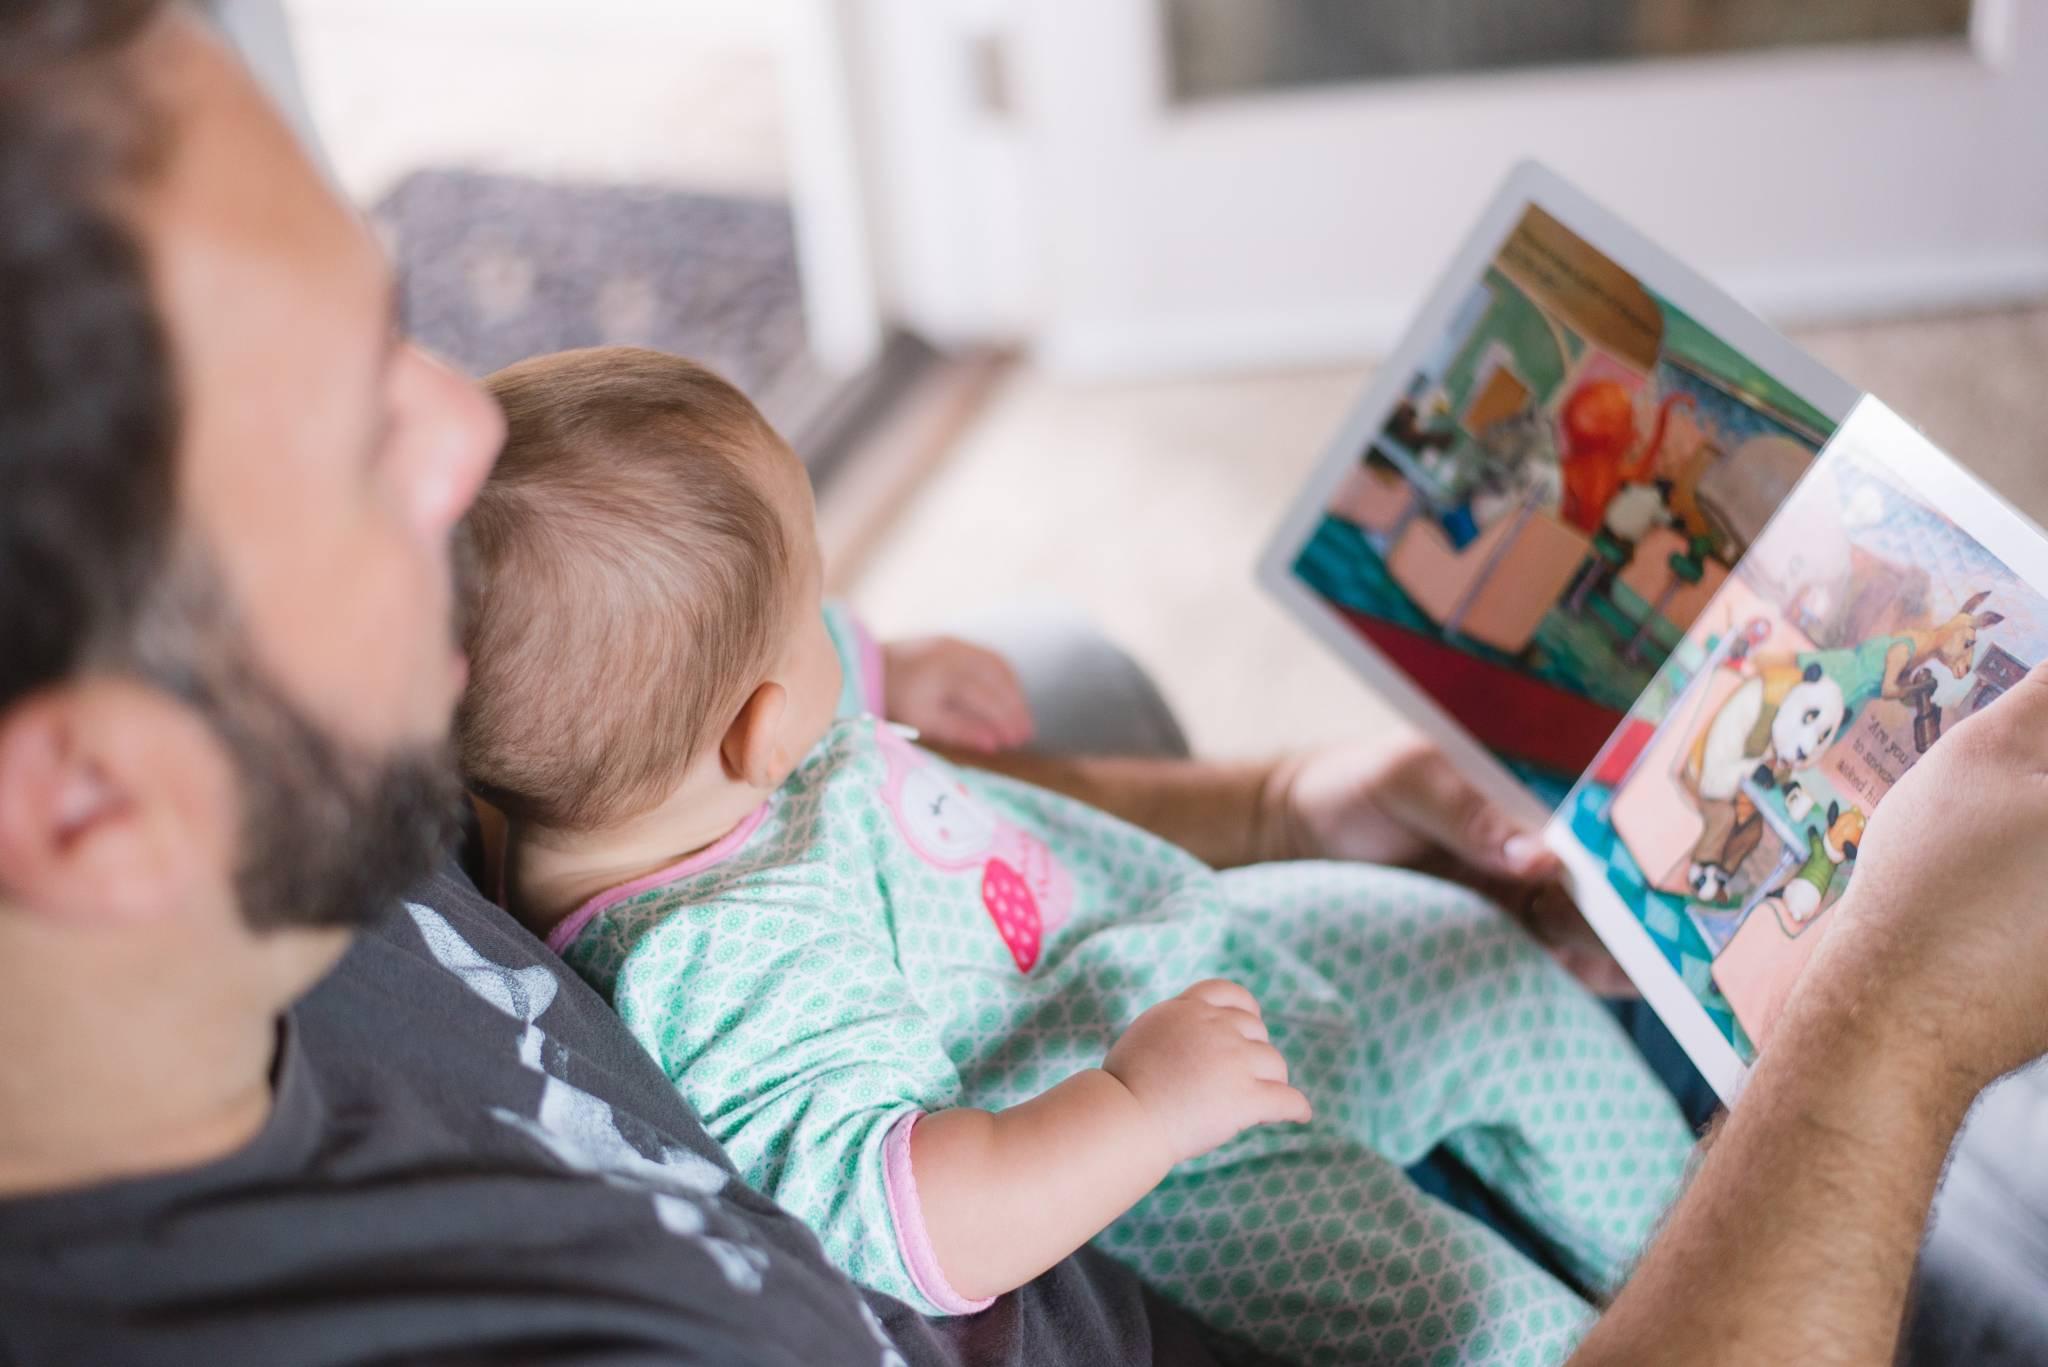 Urlop ojcowski, tacierzyński czy rodzicielski? Tato, sprawdź, z jakich przywilejów możesz skorzystać